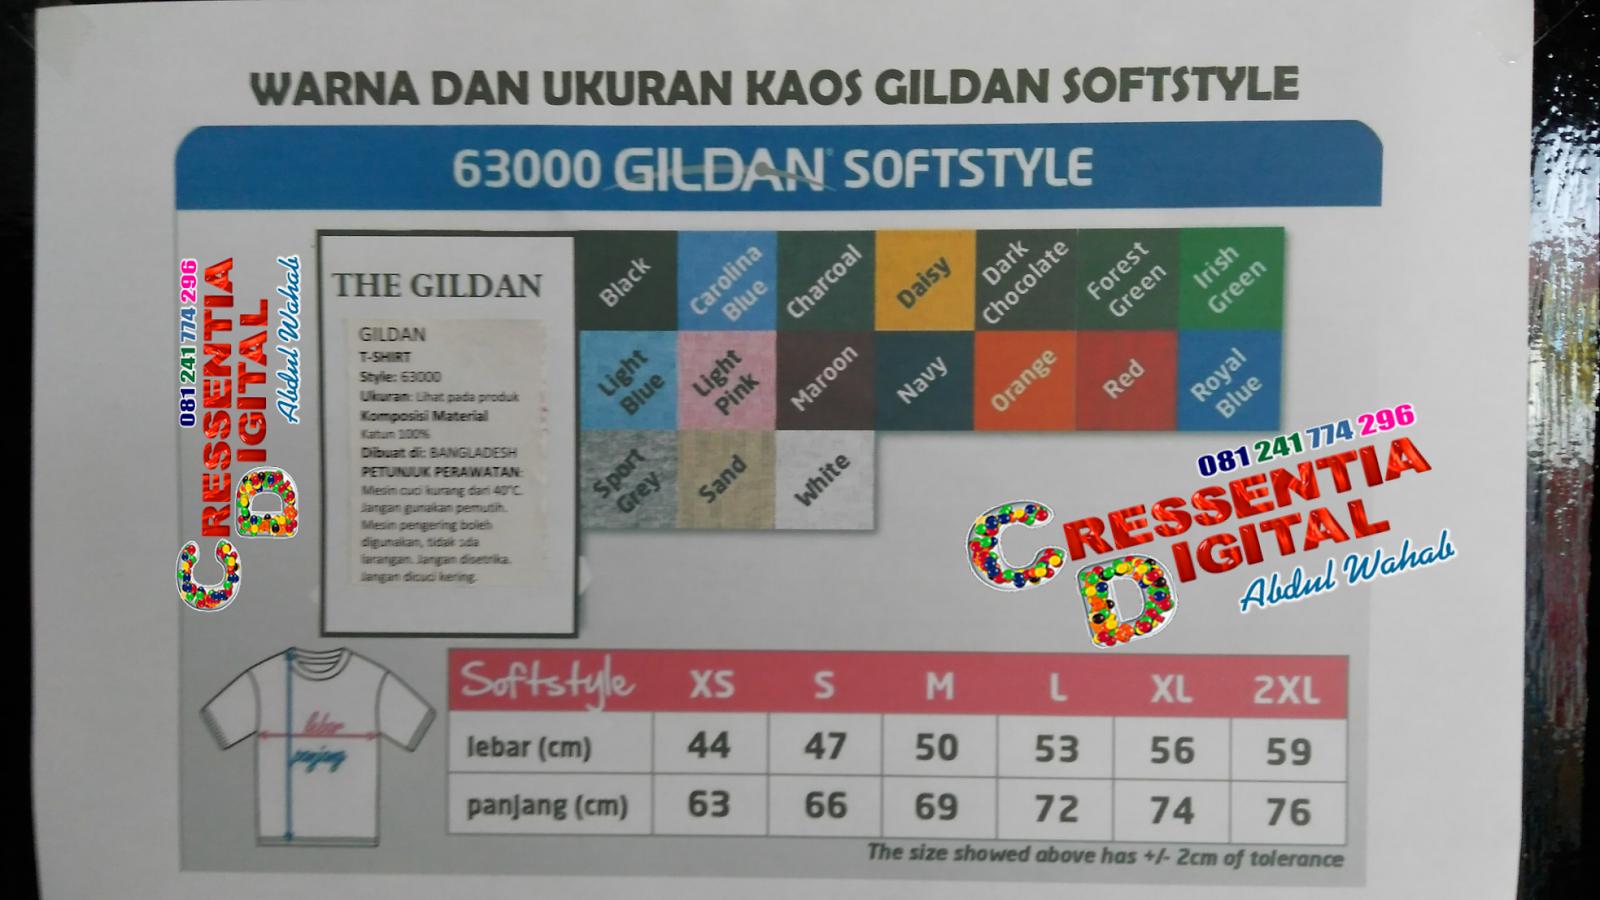 Ukuran Kaos Gildan